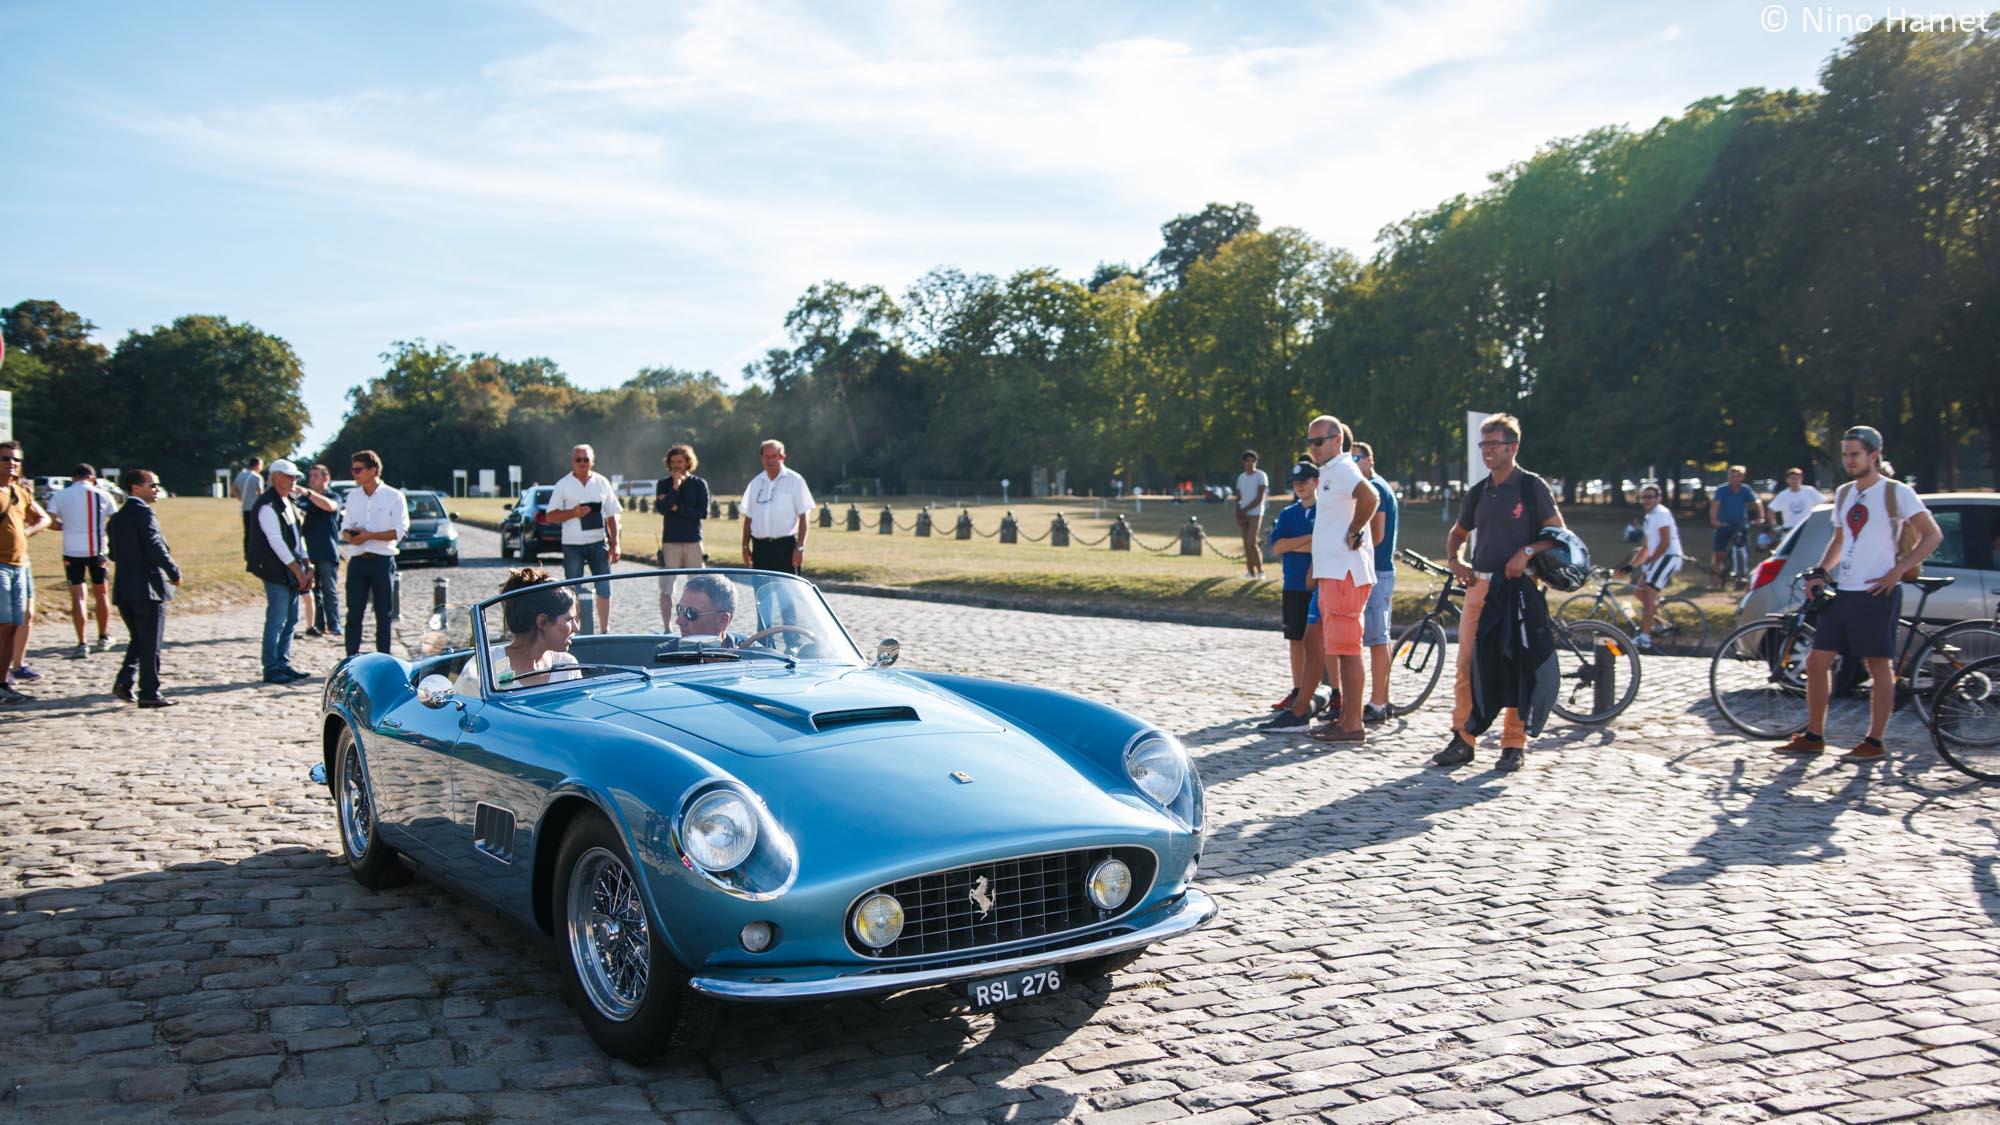 Ferrari 250 GT California LWB #1575GT